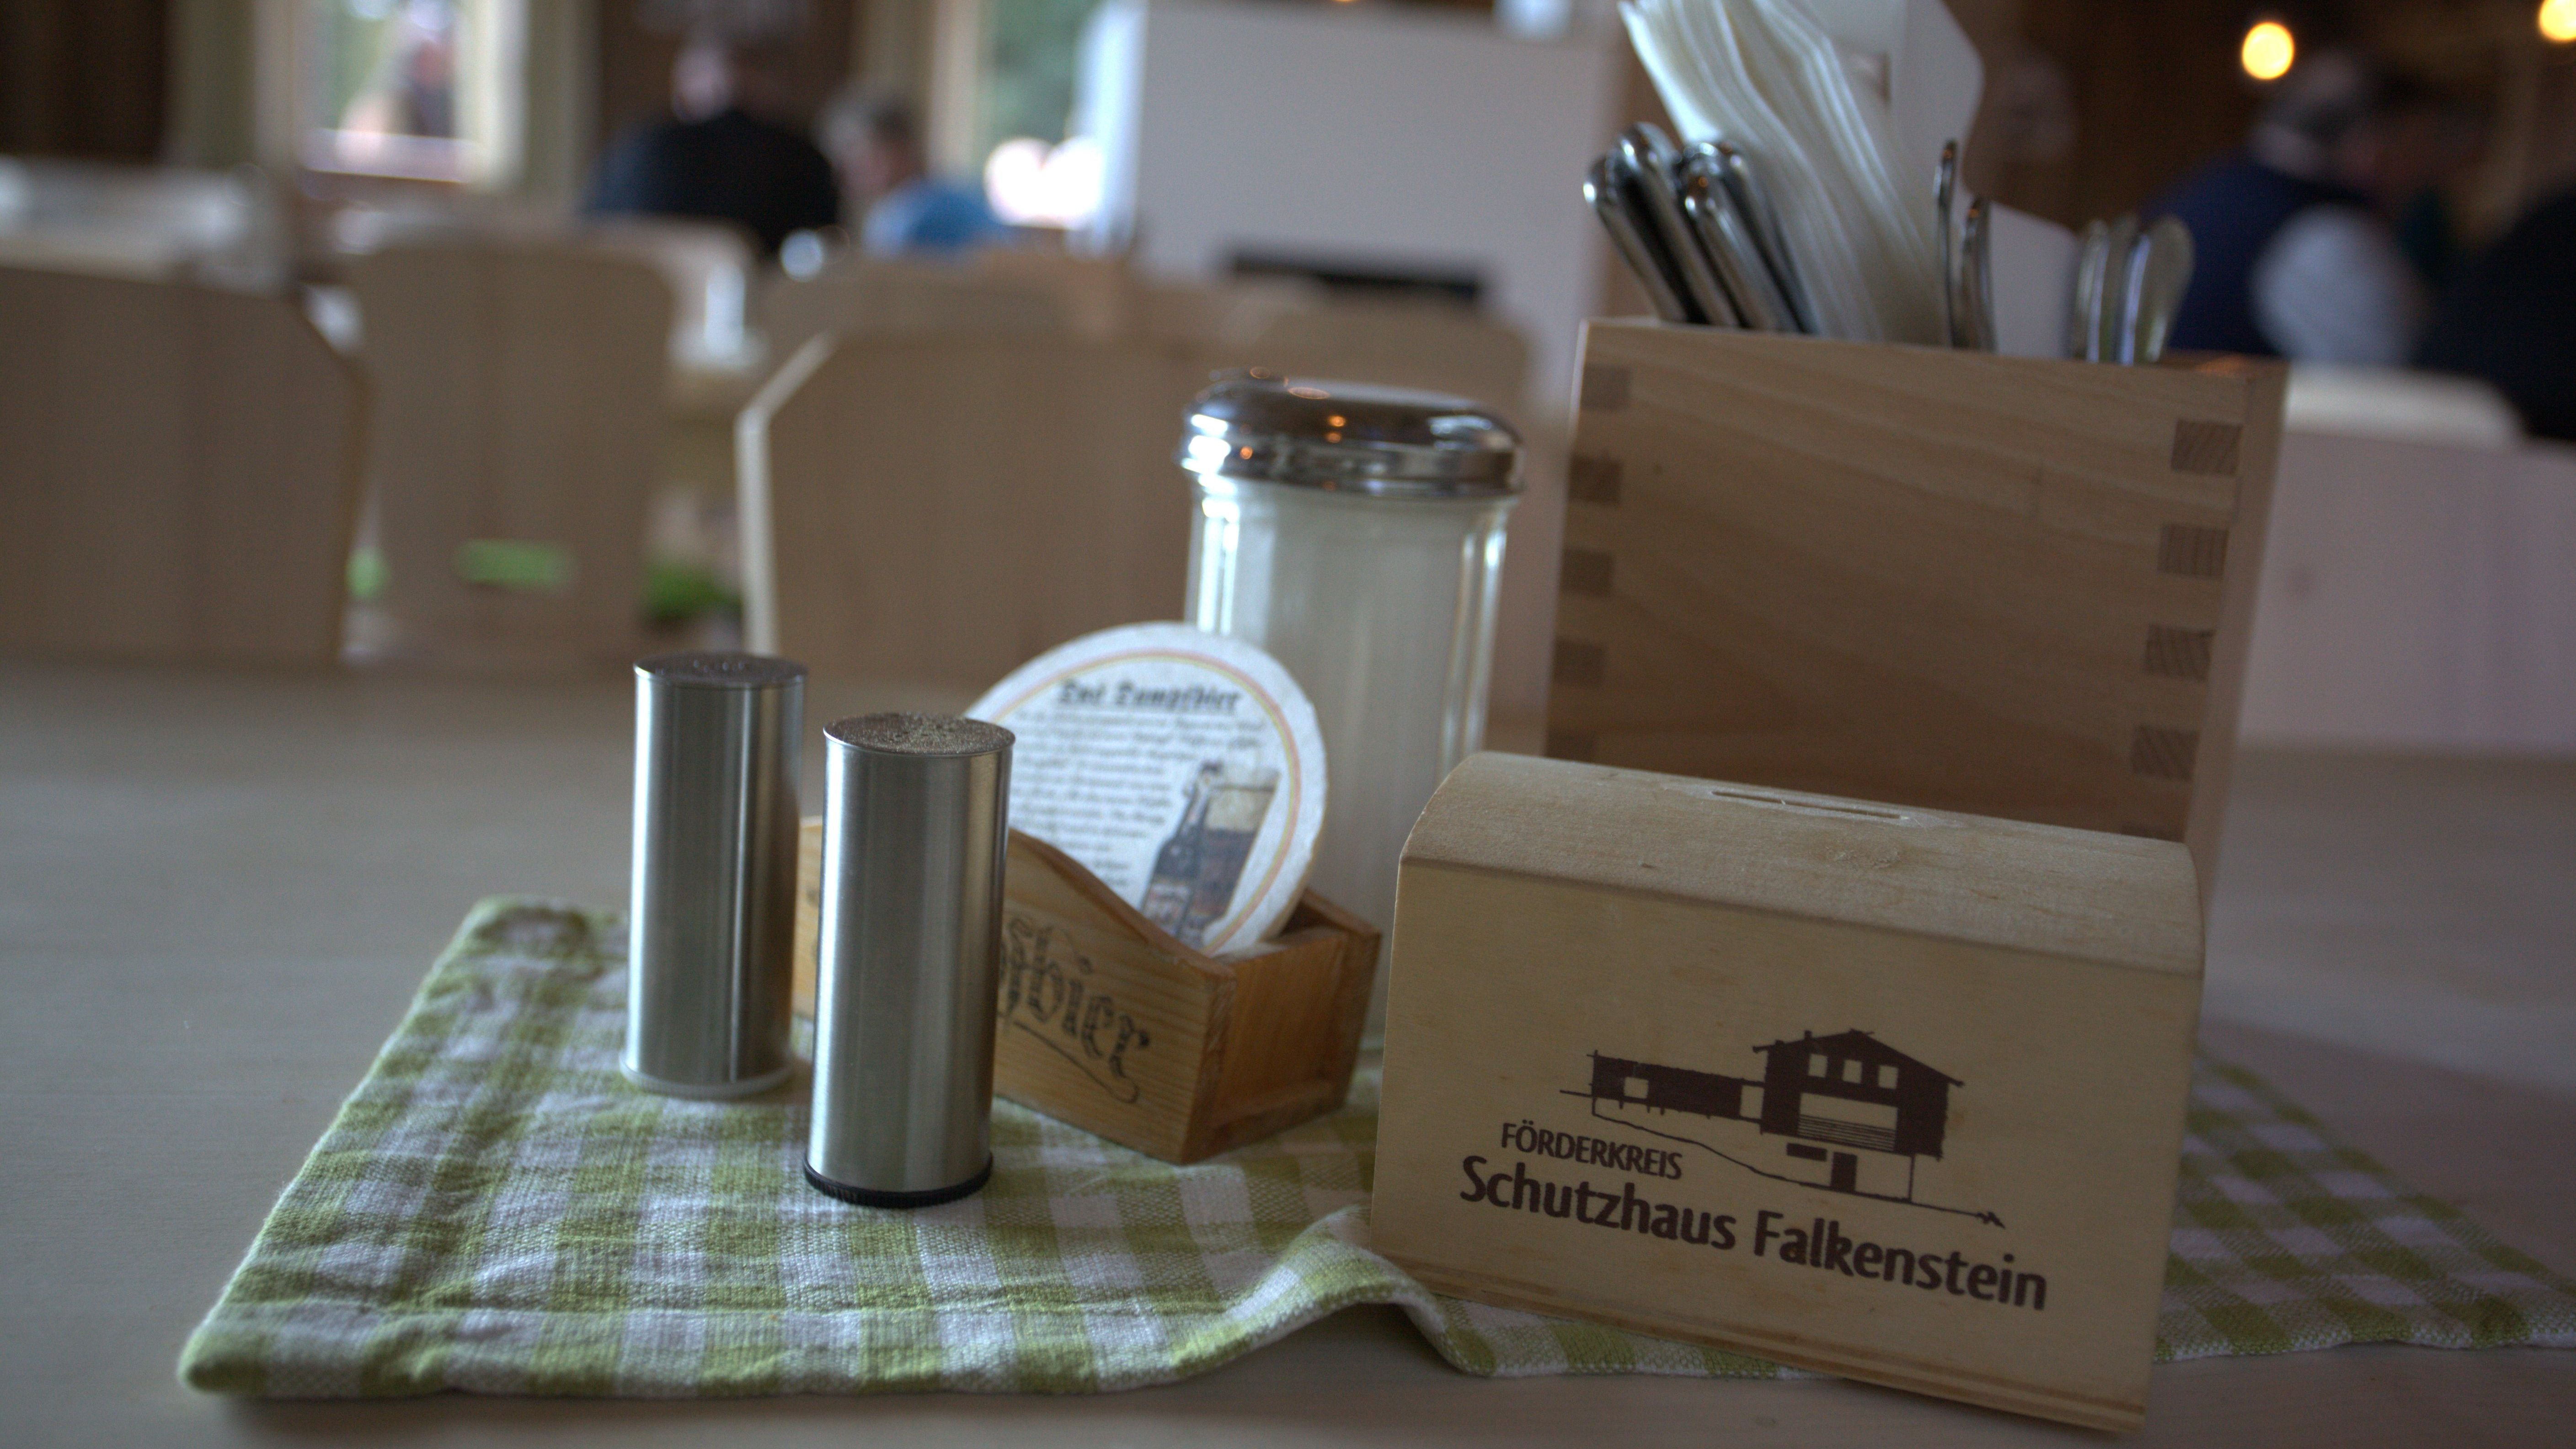 Tischgedeck in der neuen Schutzhütte